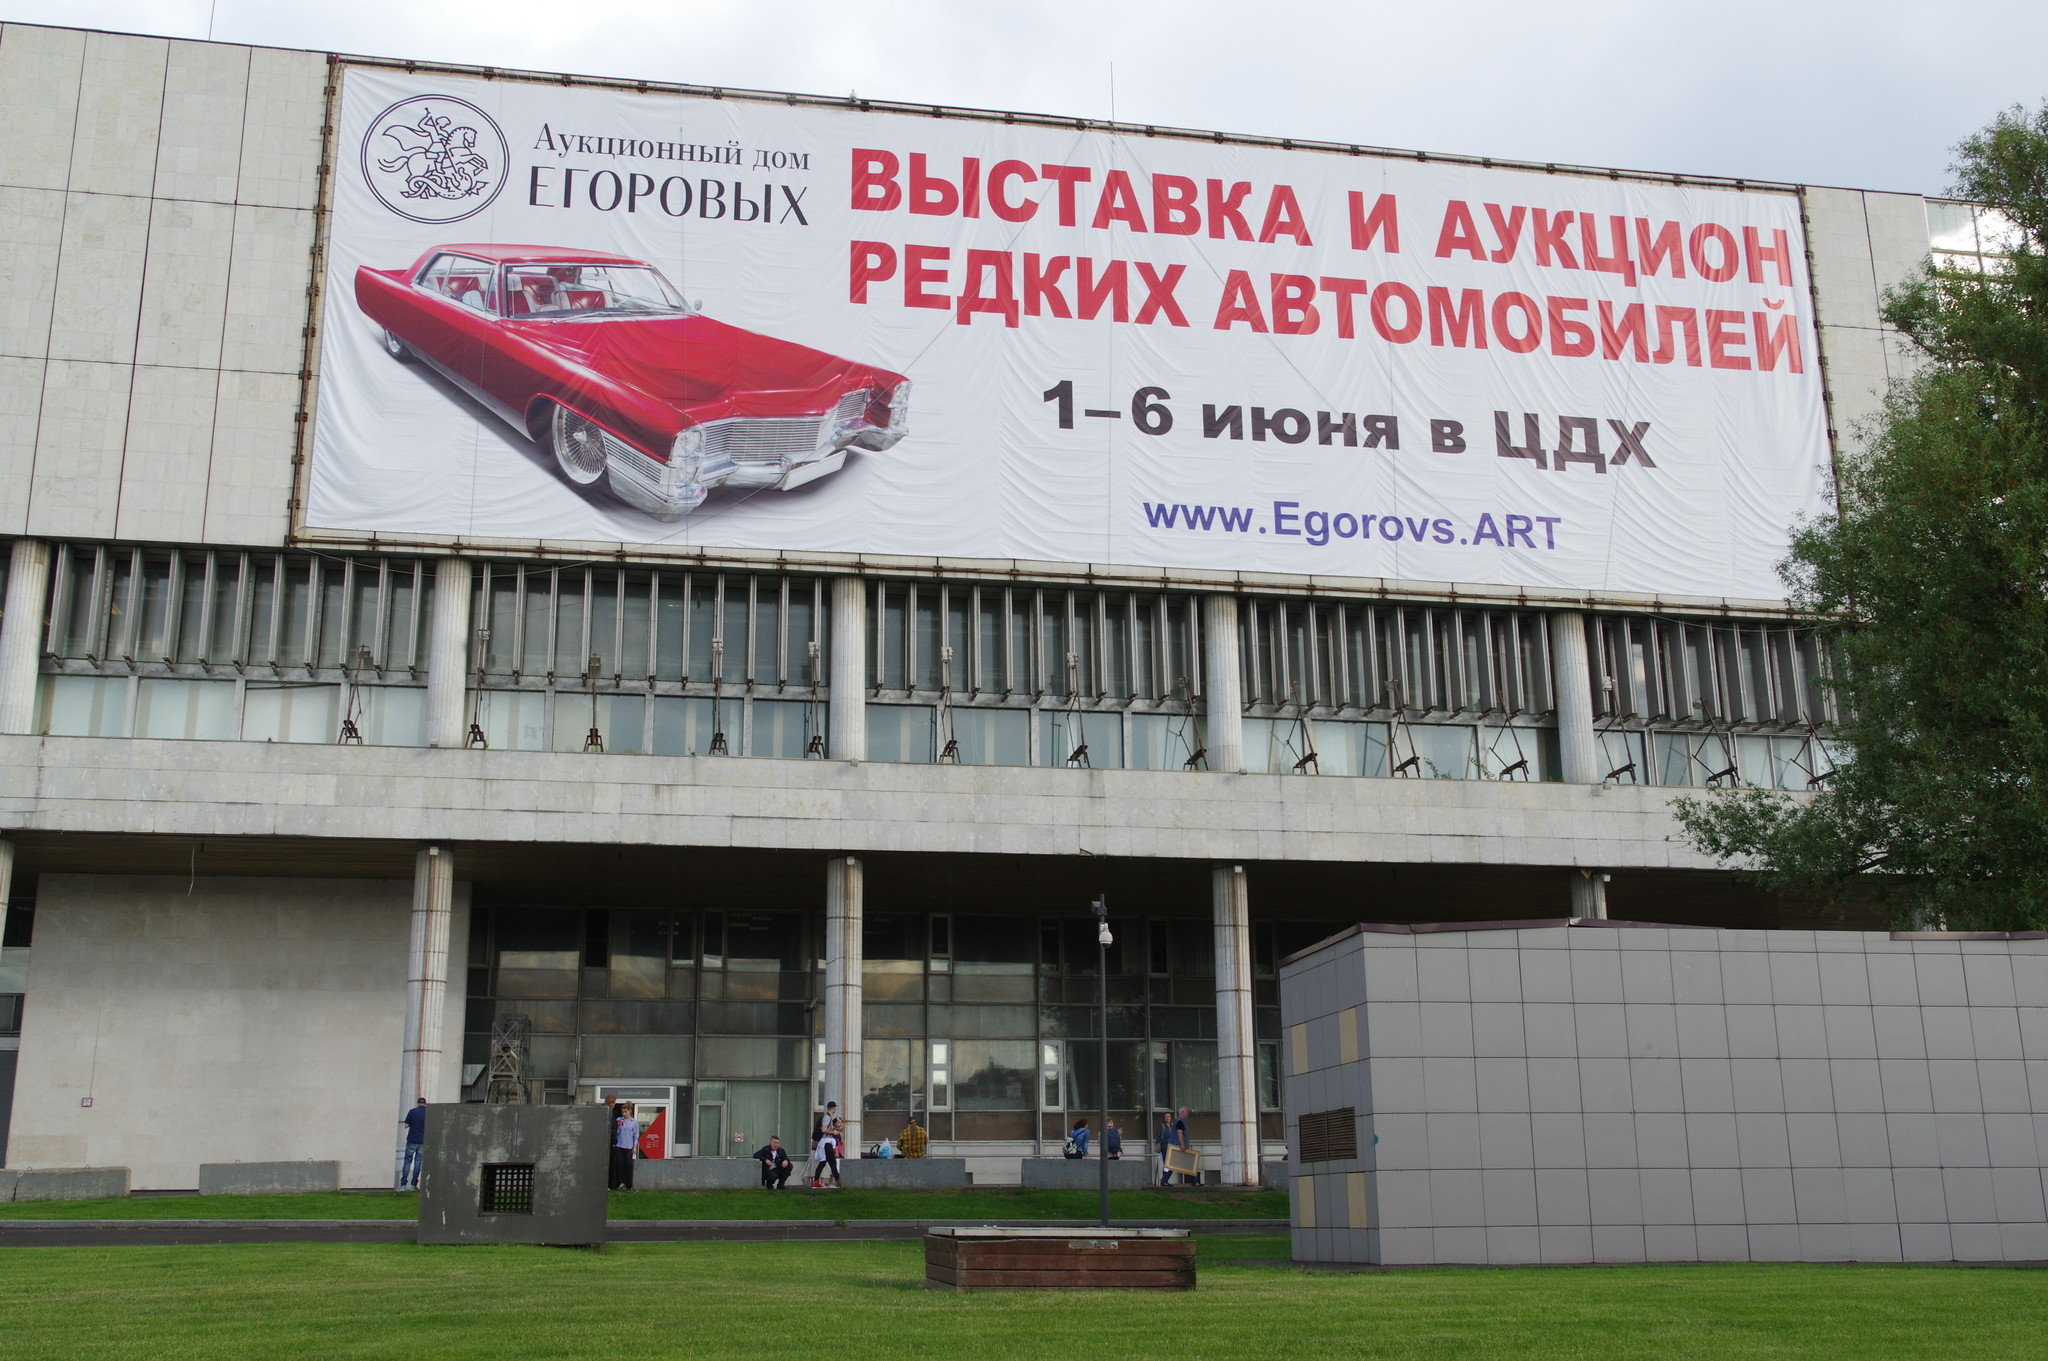 Выставка и аукцион редких автомобилей в ЦДХ